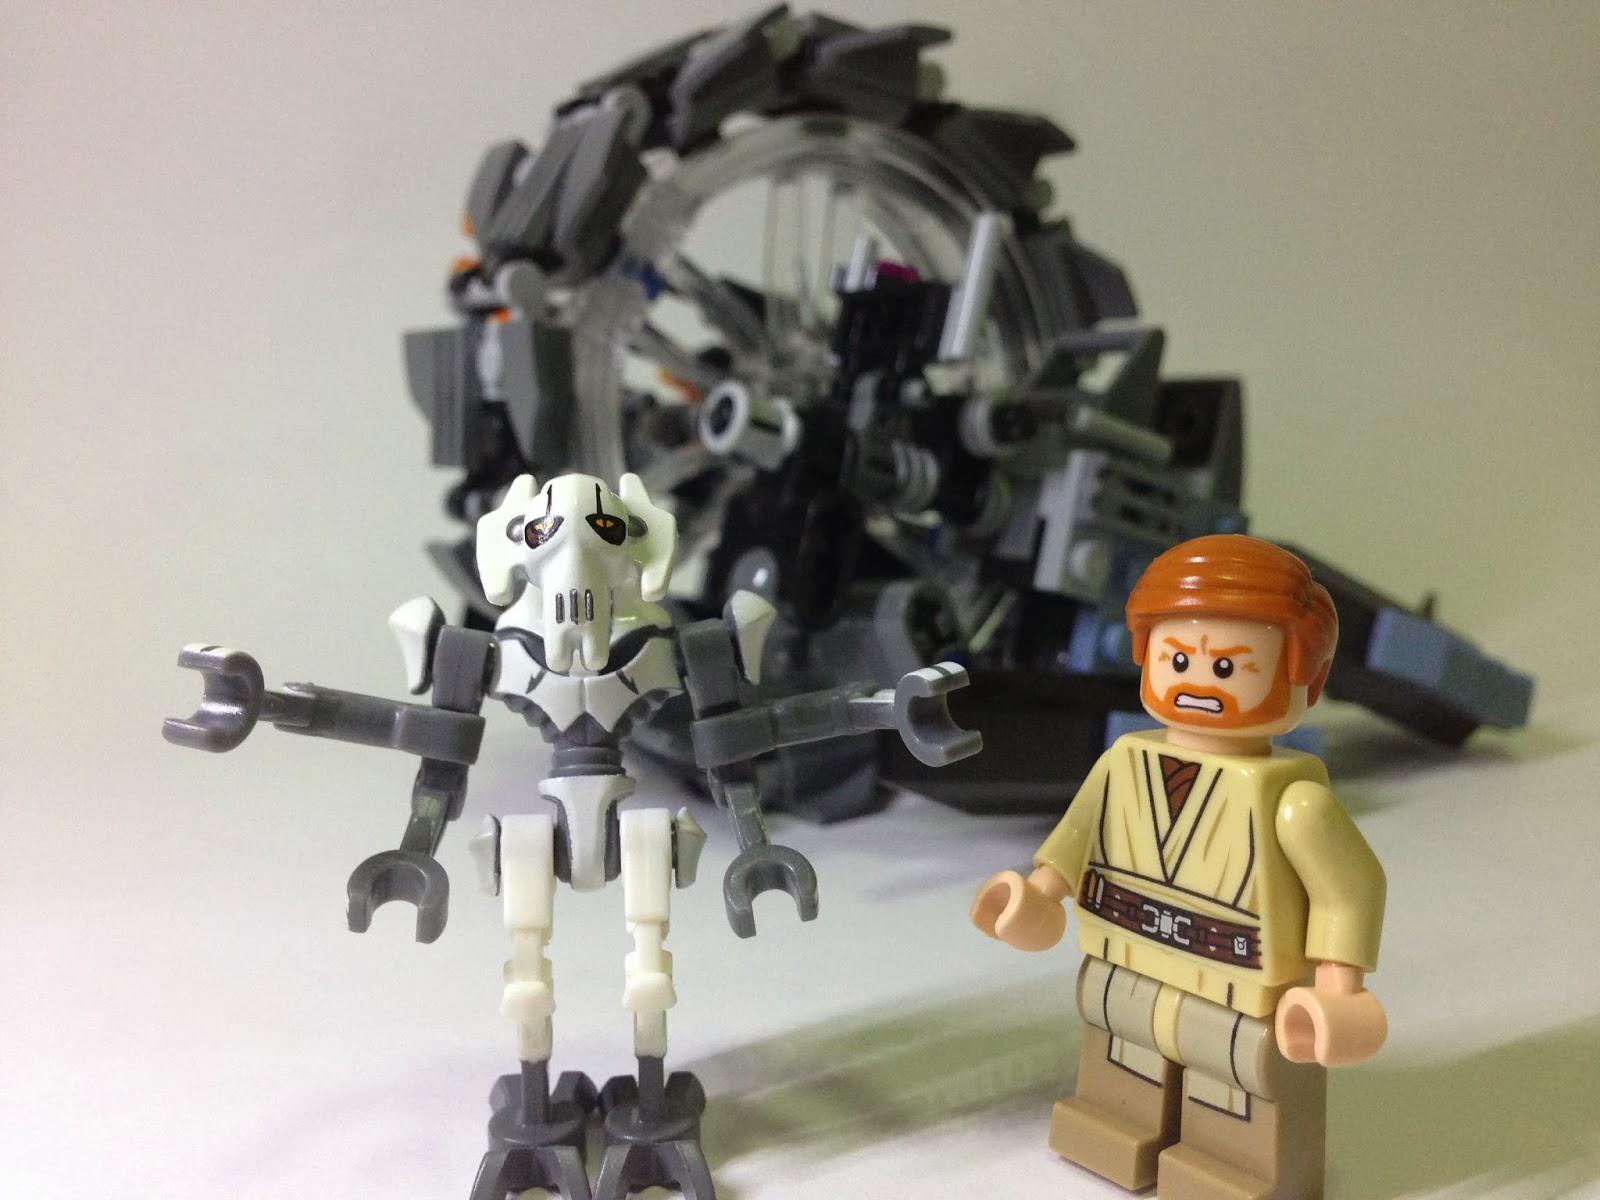 General Grievous Lego 2014 | www.pixshark.com - Images ...